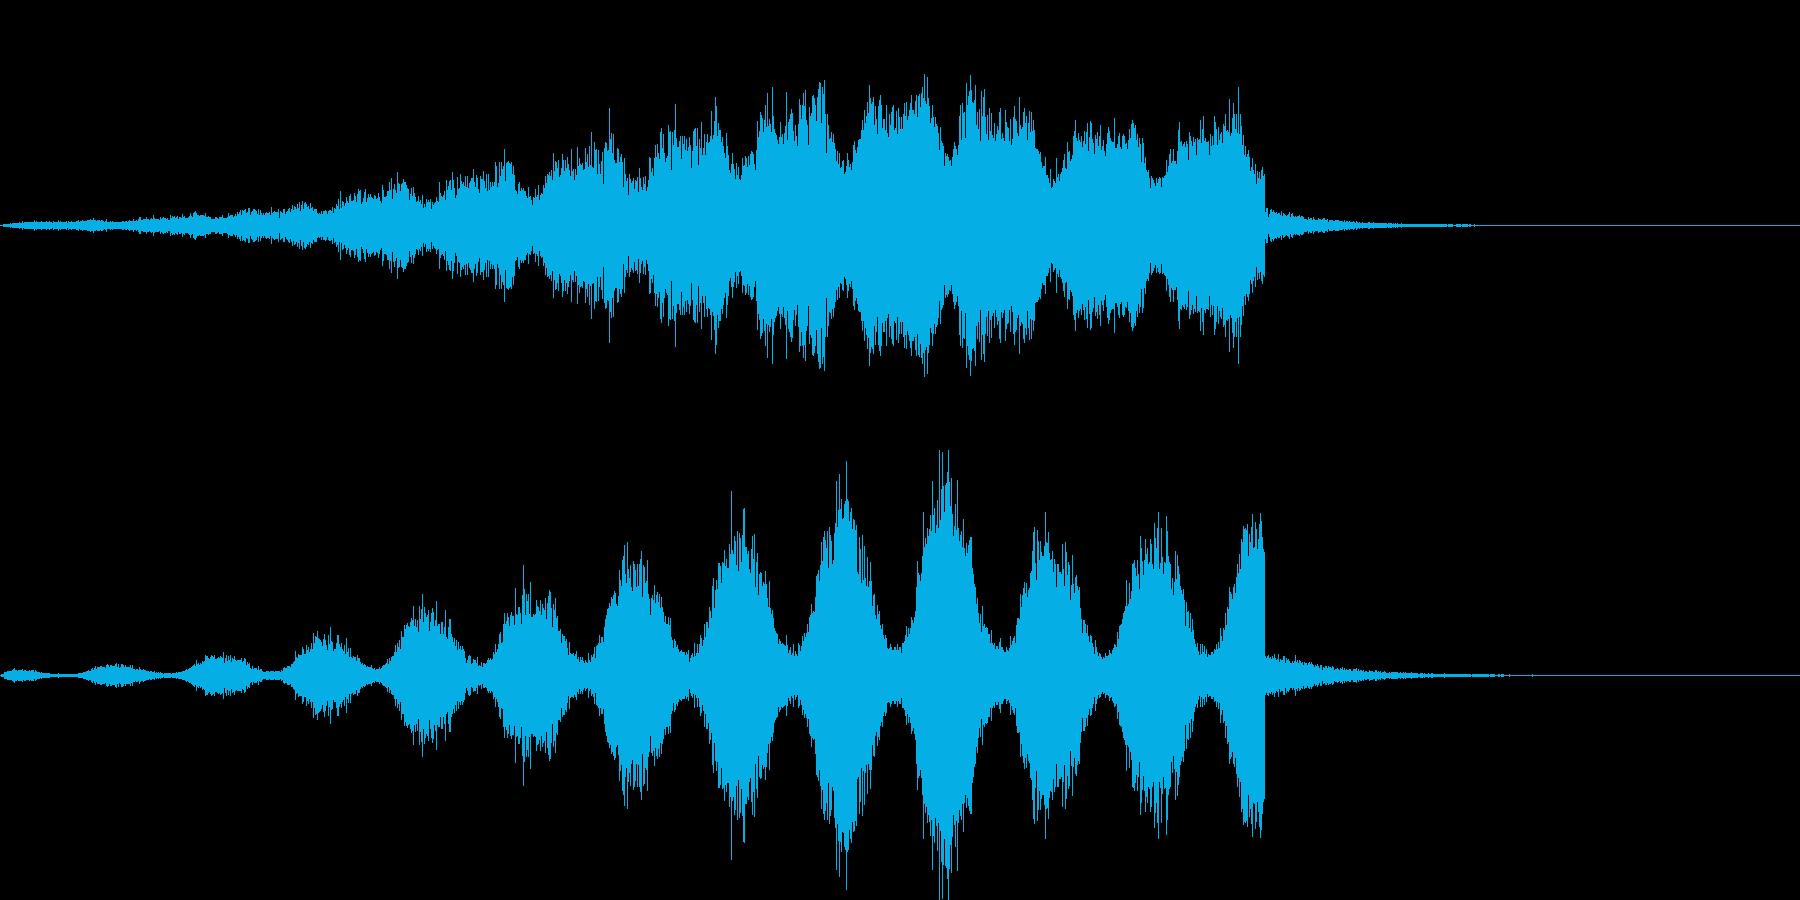 【映画演出】SF映画_迫るの再生済みの波形